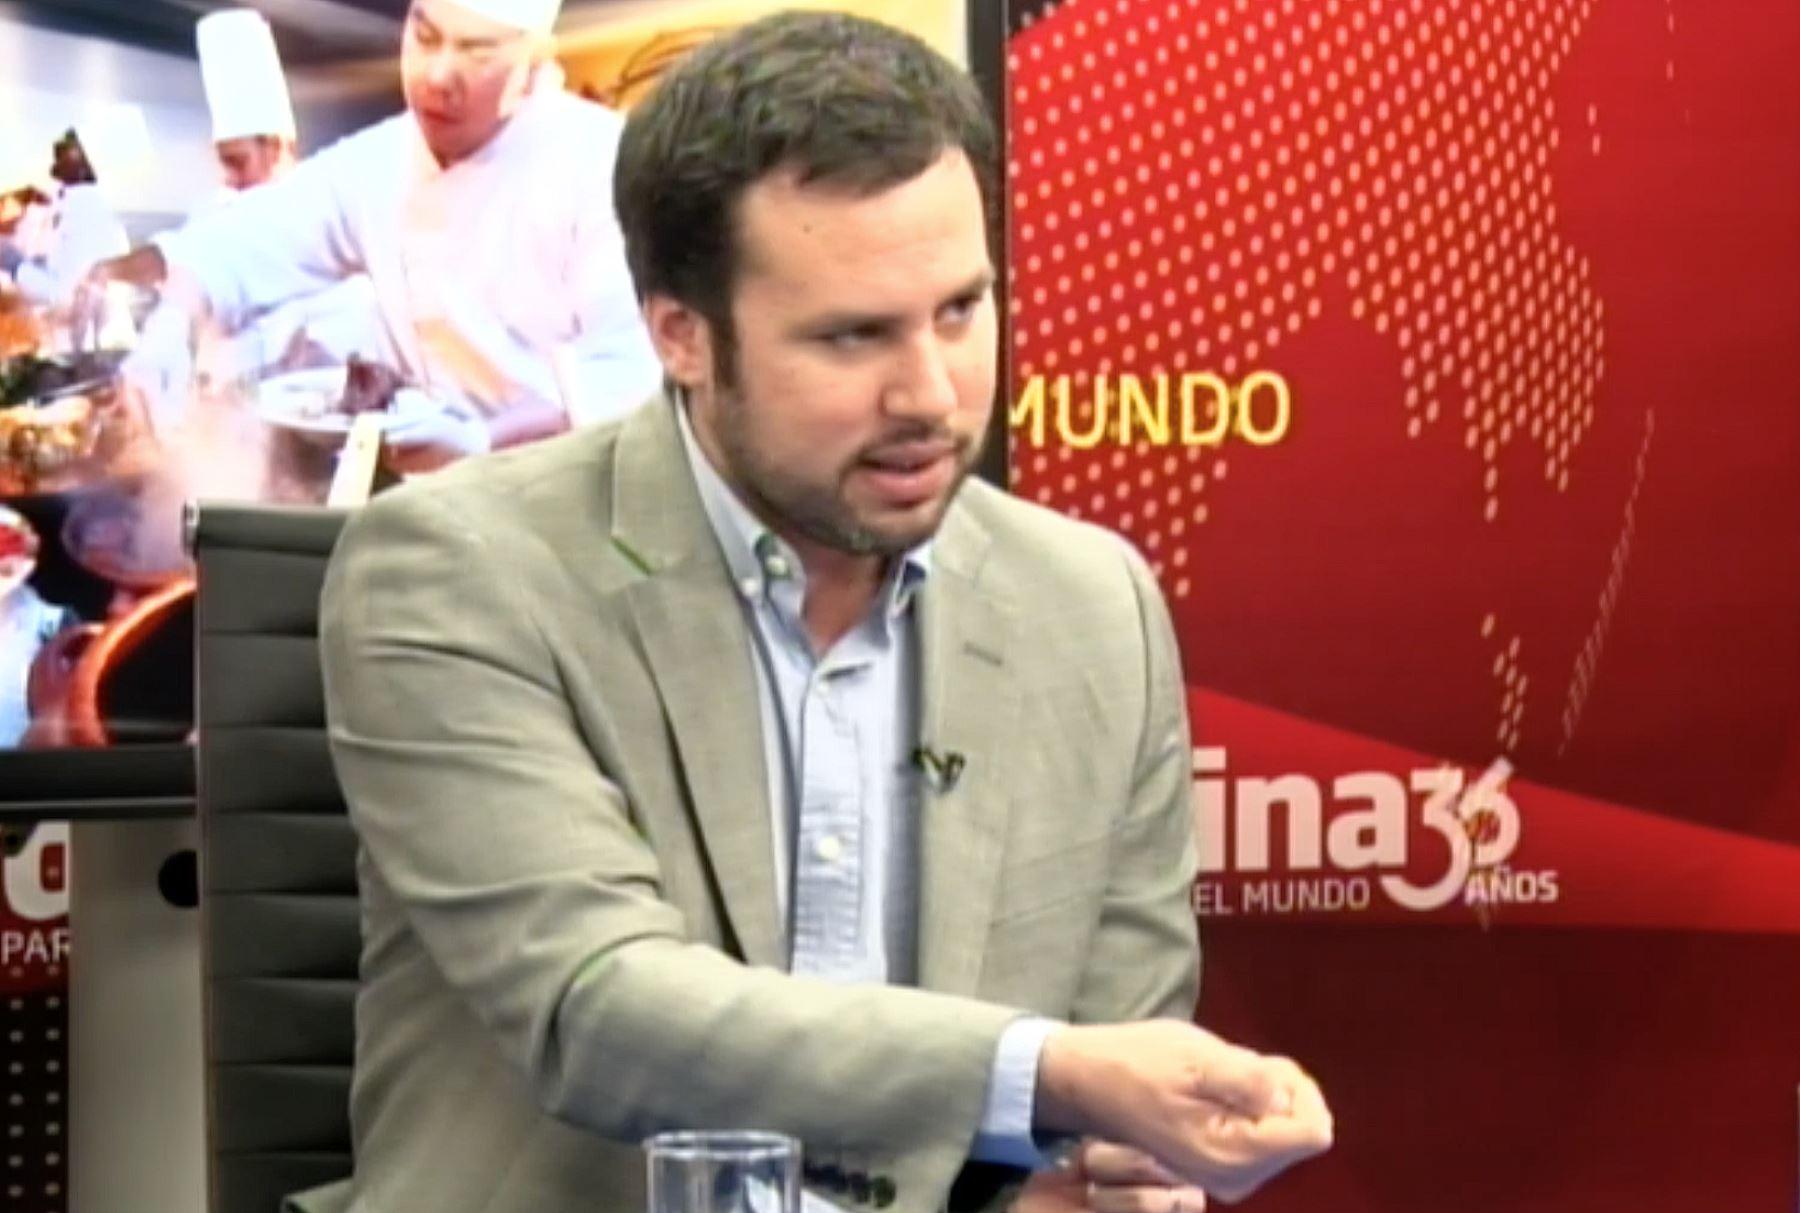 Renuncia del presidente de Perú, tras difusión de videos comprometedores